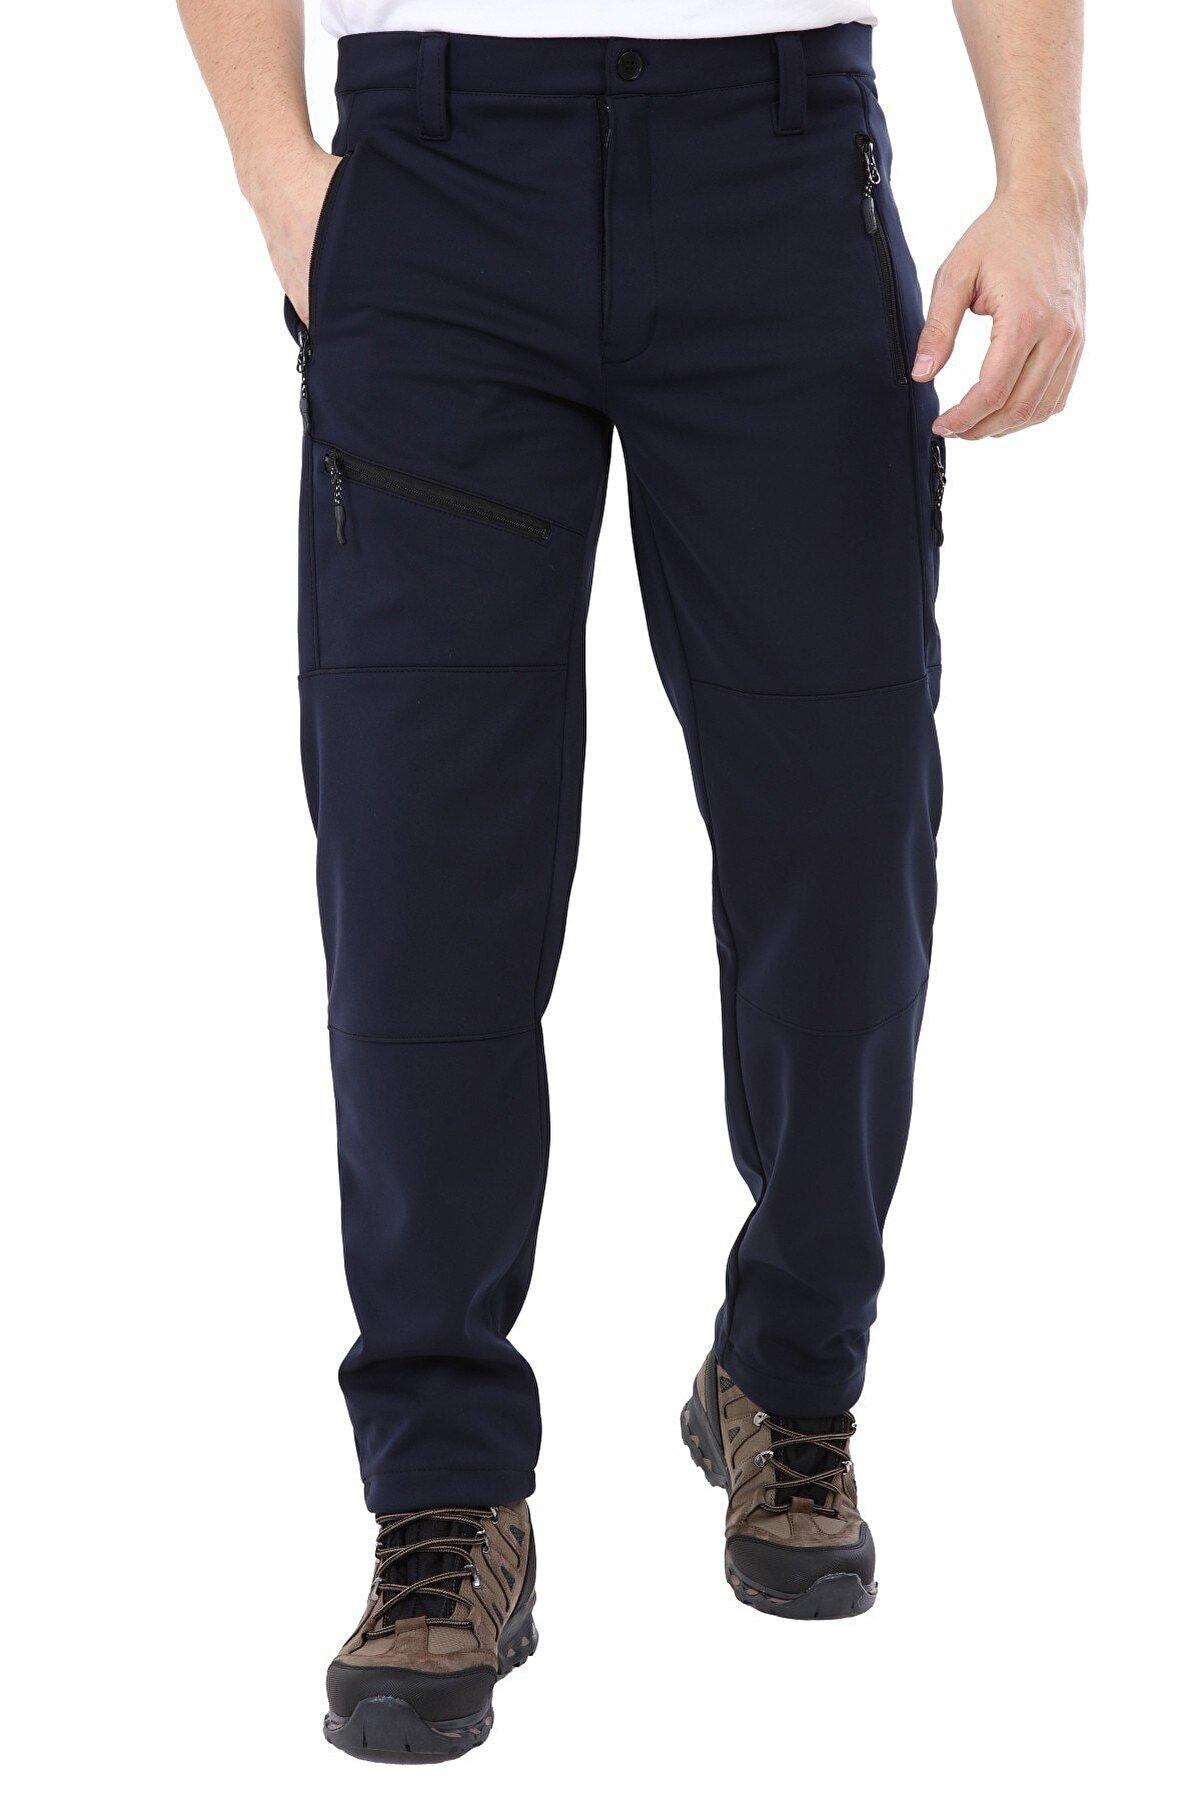 Ghassy Co Erkek Tactical Outdoor Su Geçirmez Softshell Pantolon